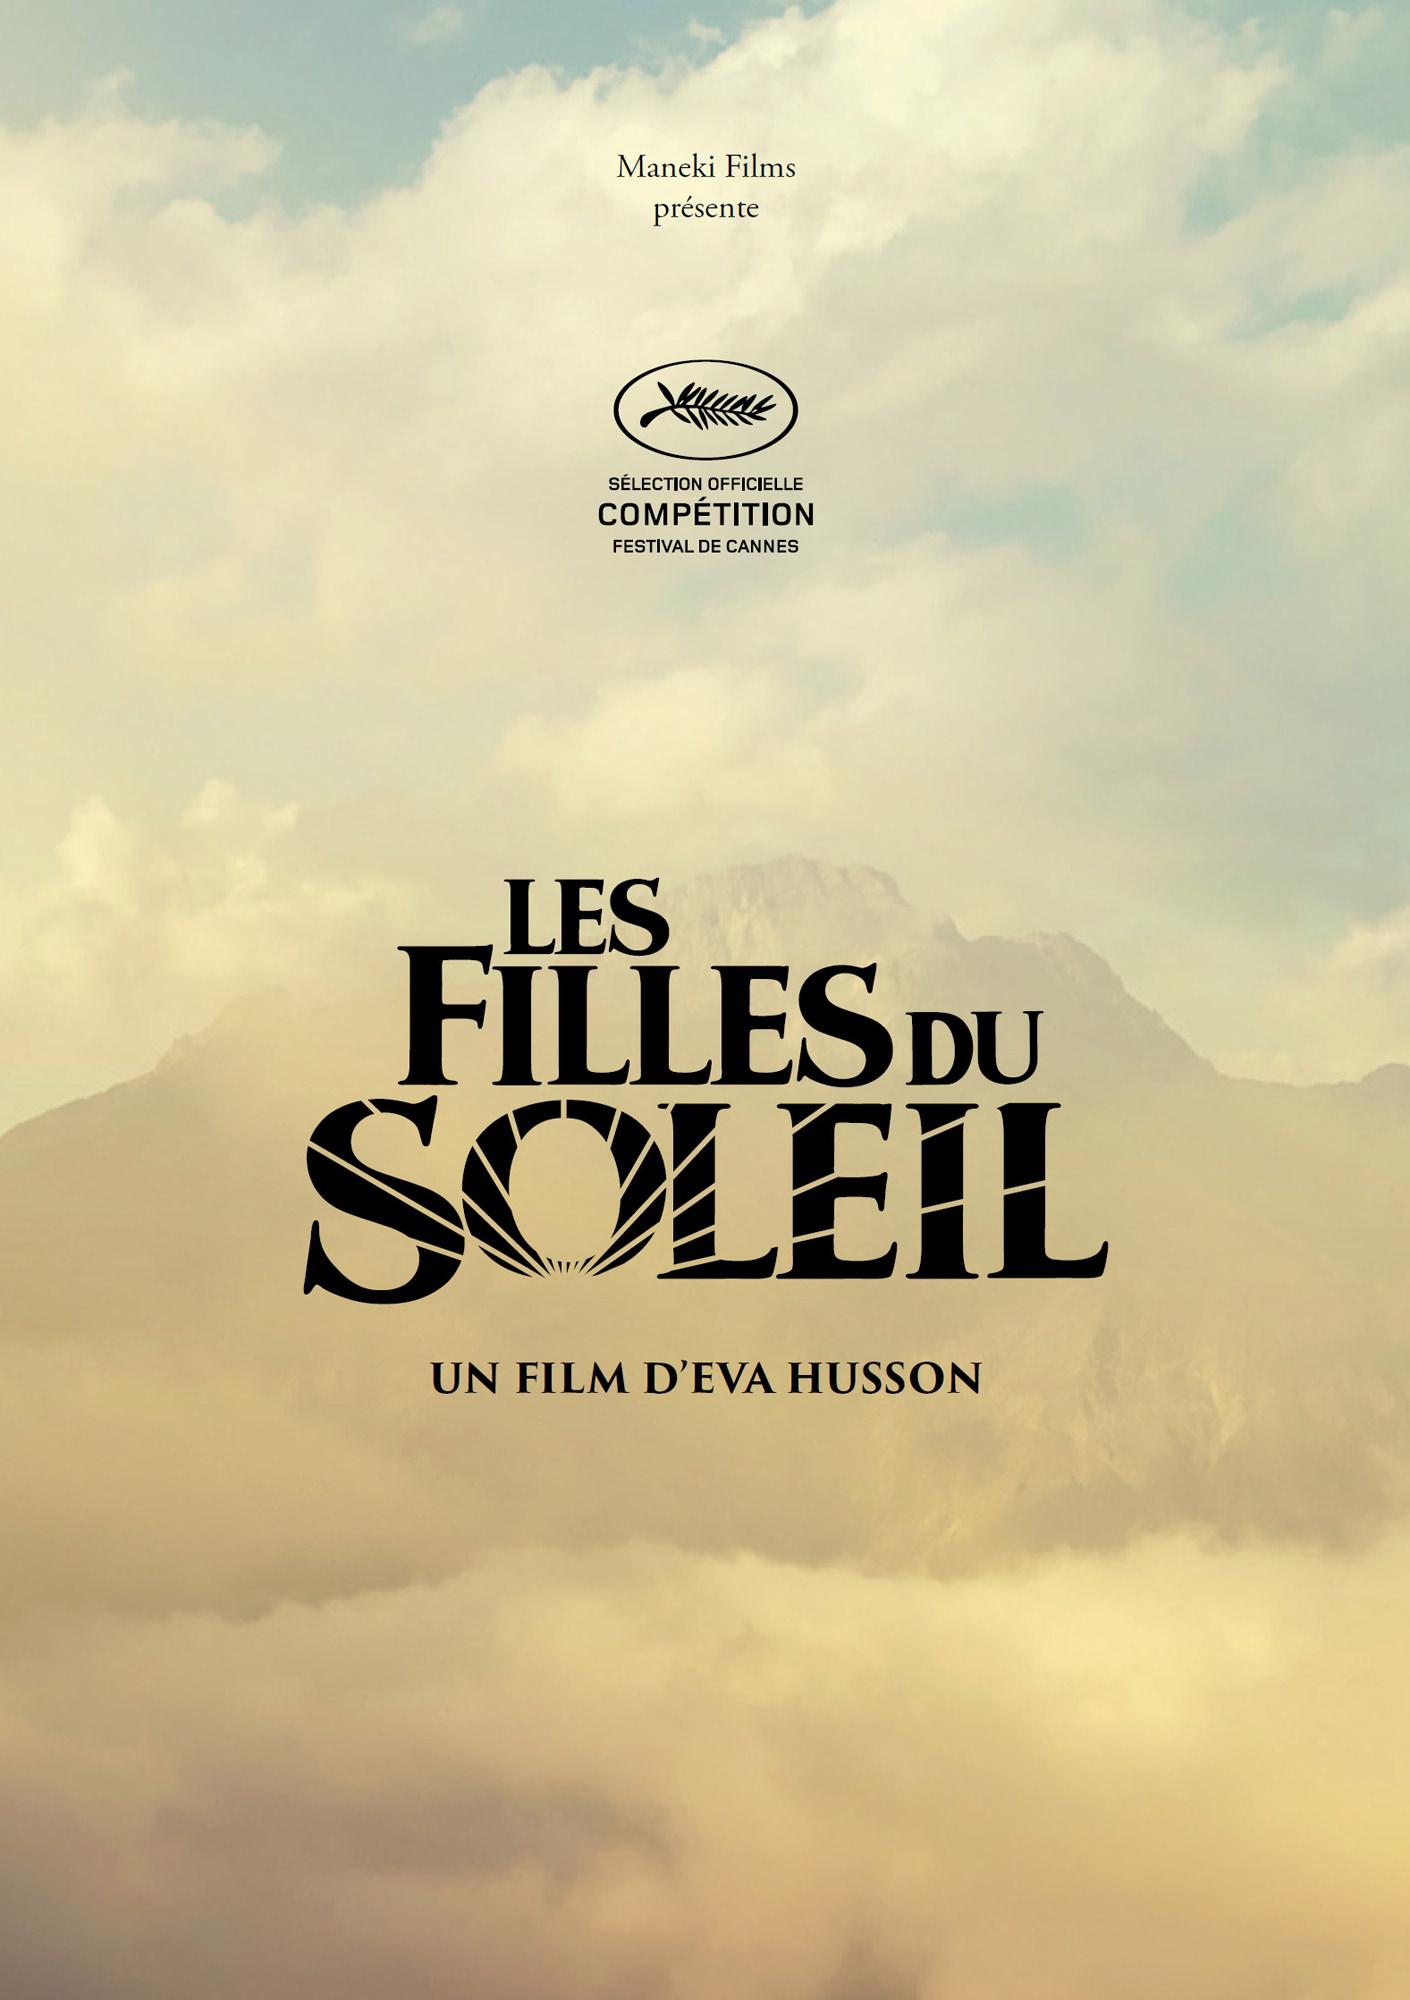 Les Filles du soleil - Affiche Cannes 2018